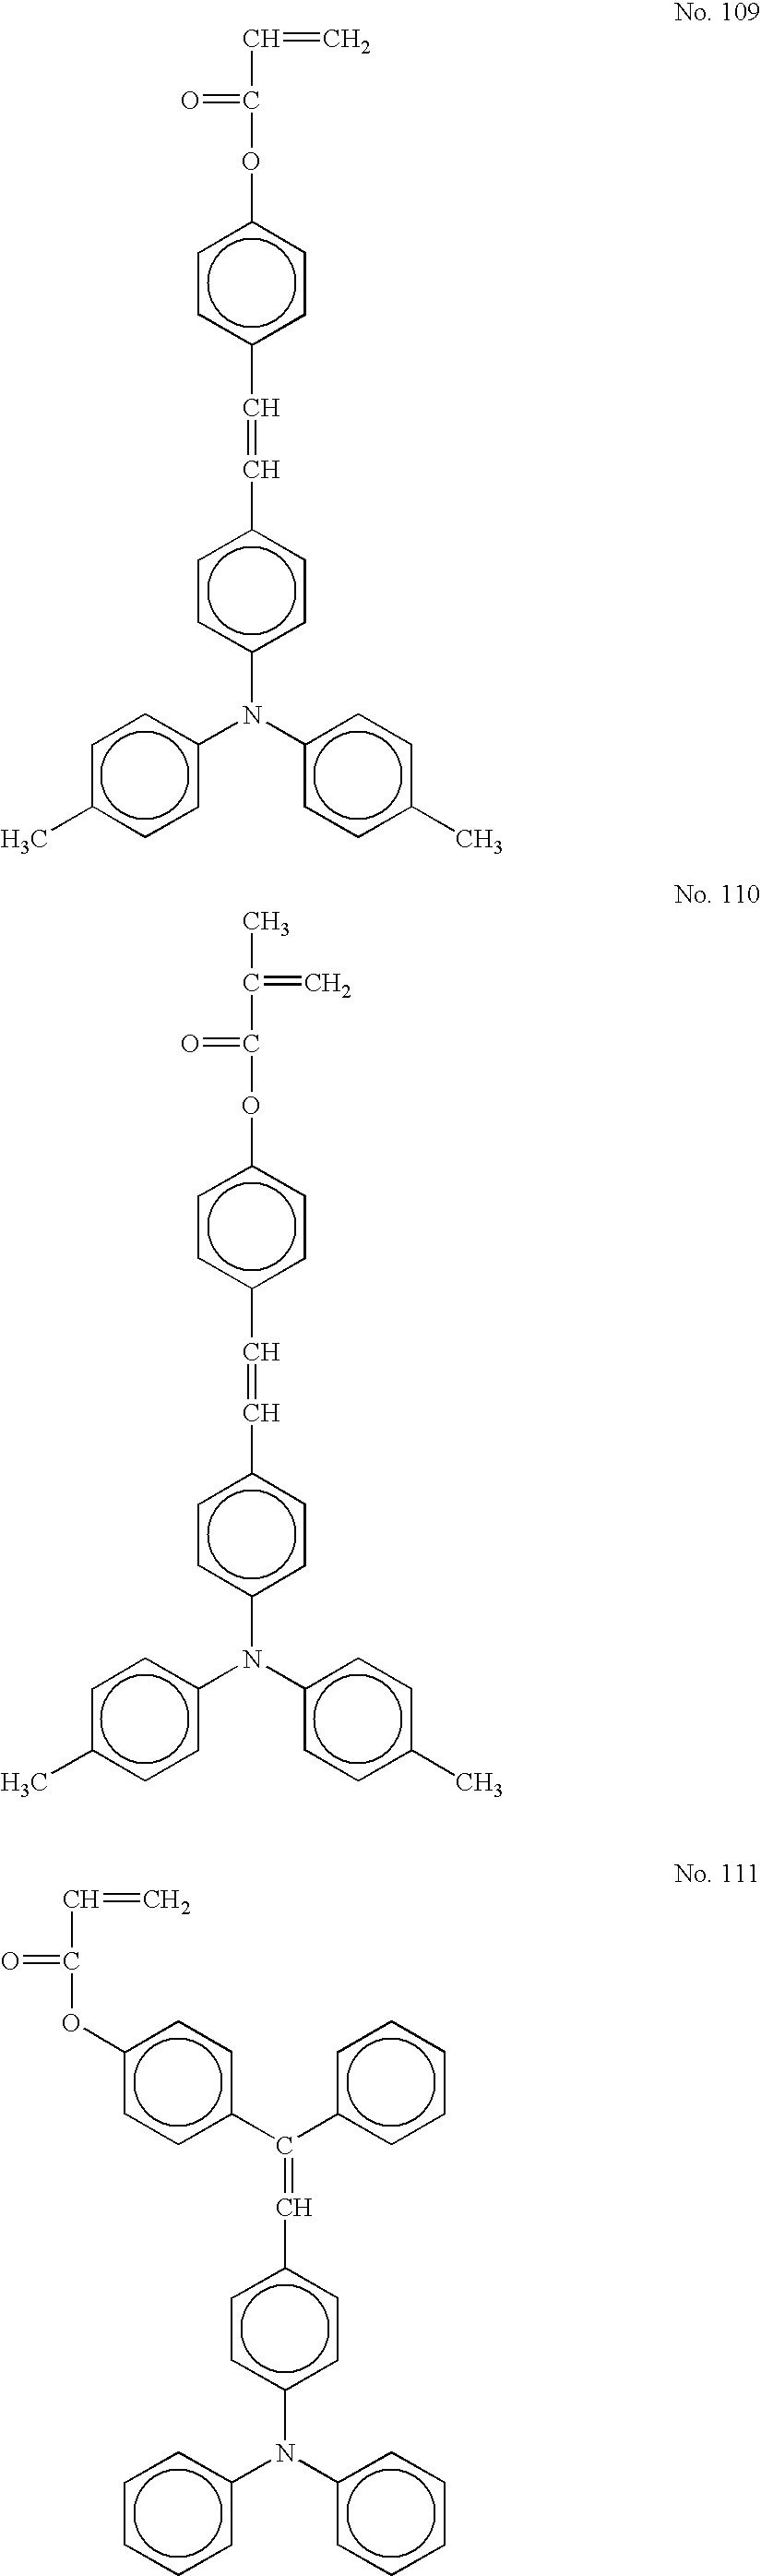 Figure US20050158641A1-20050721-C00051